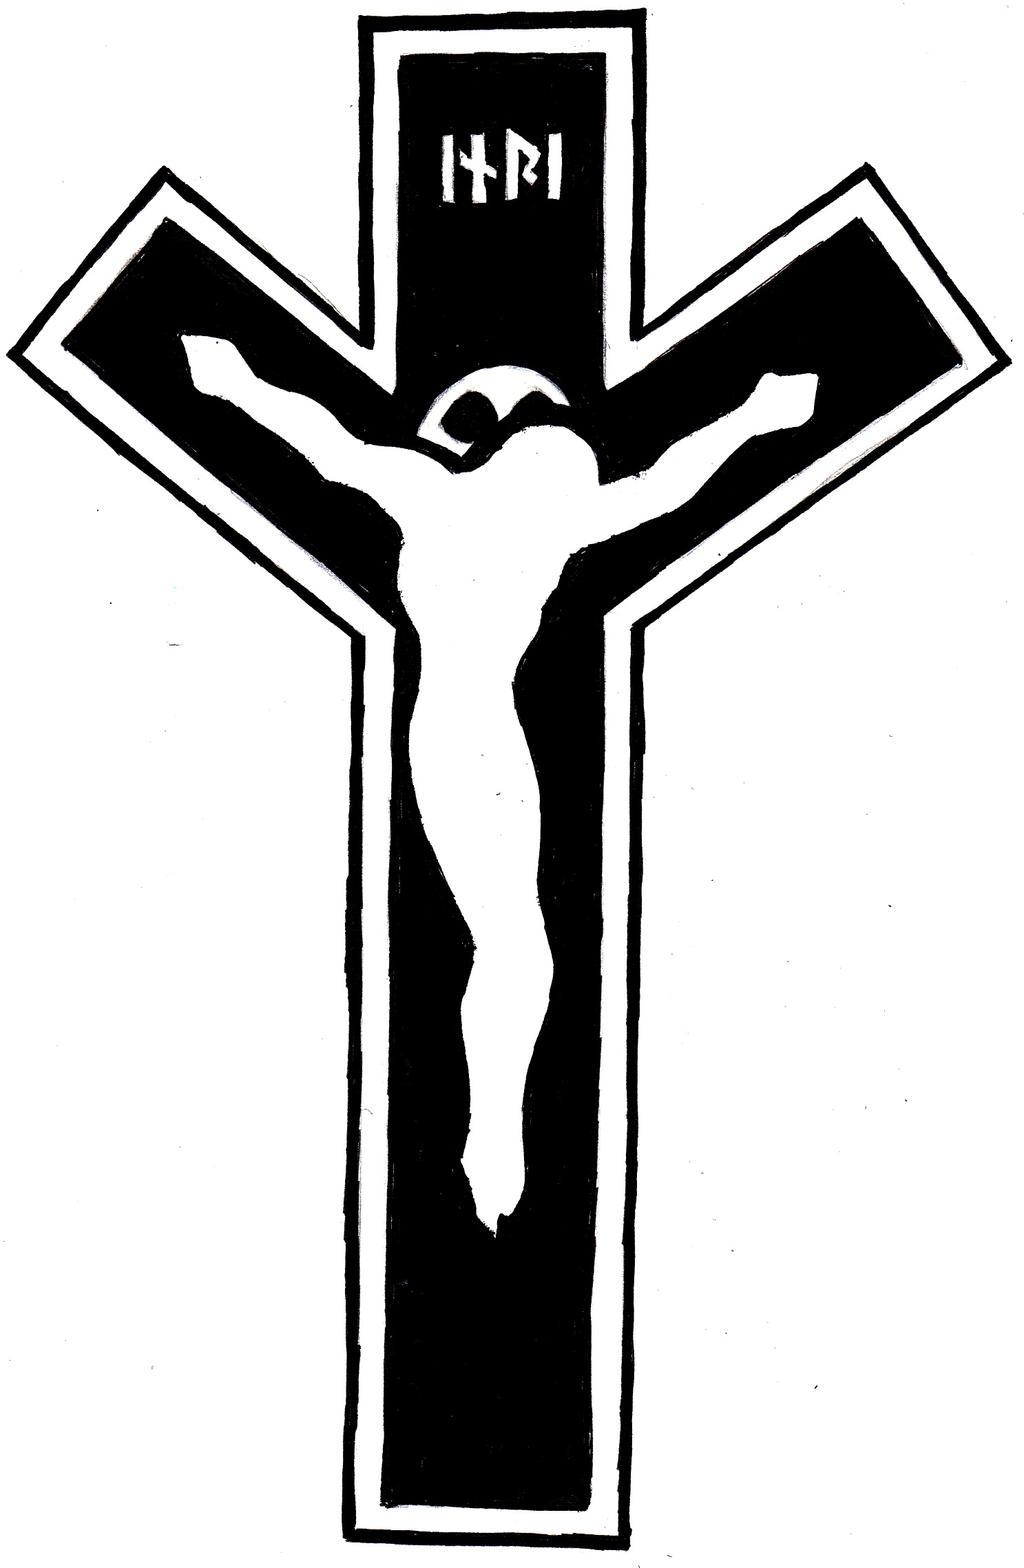 http://img10.deviantart.net/d8f3/i/2013/039/d/6/christ_rune_by_hiezechiel-d5u8isj.jpg